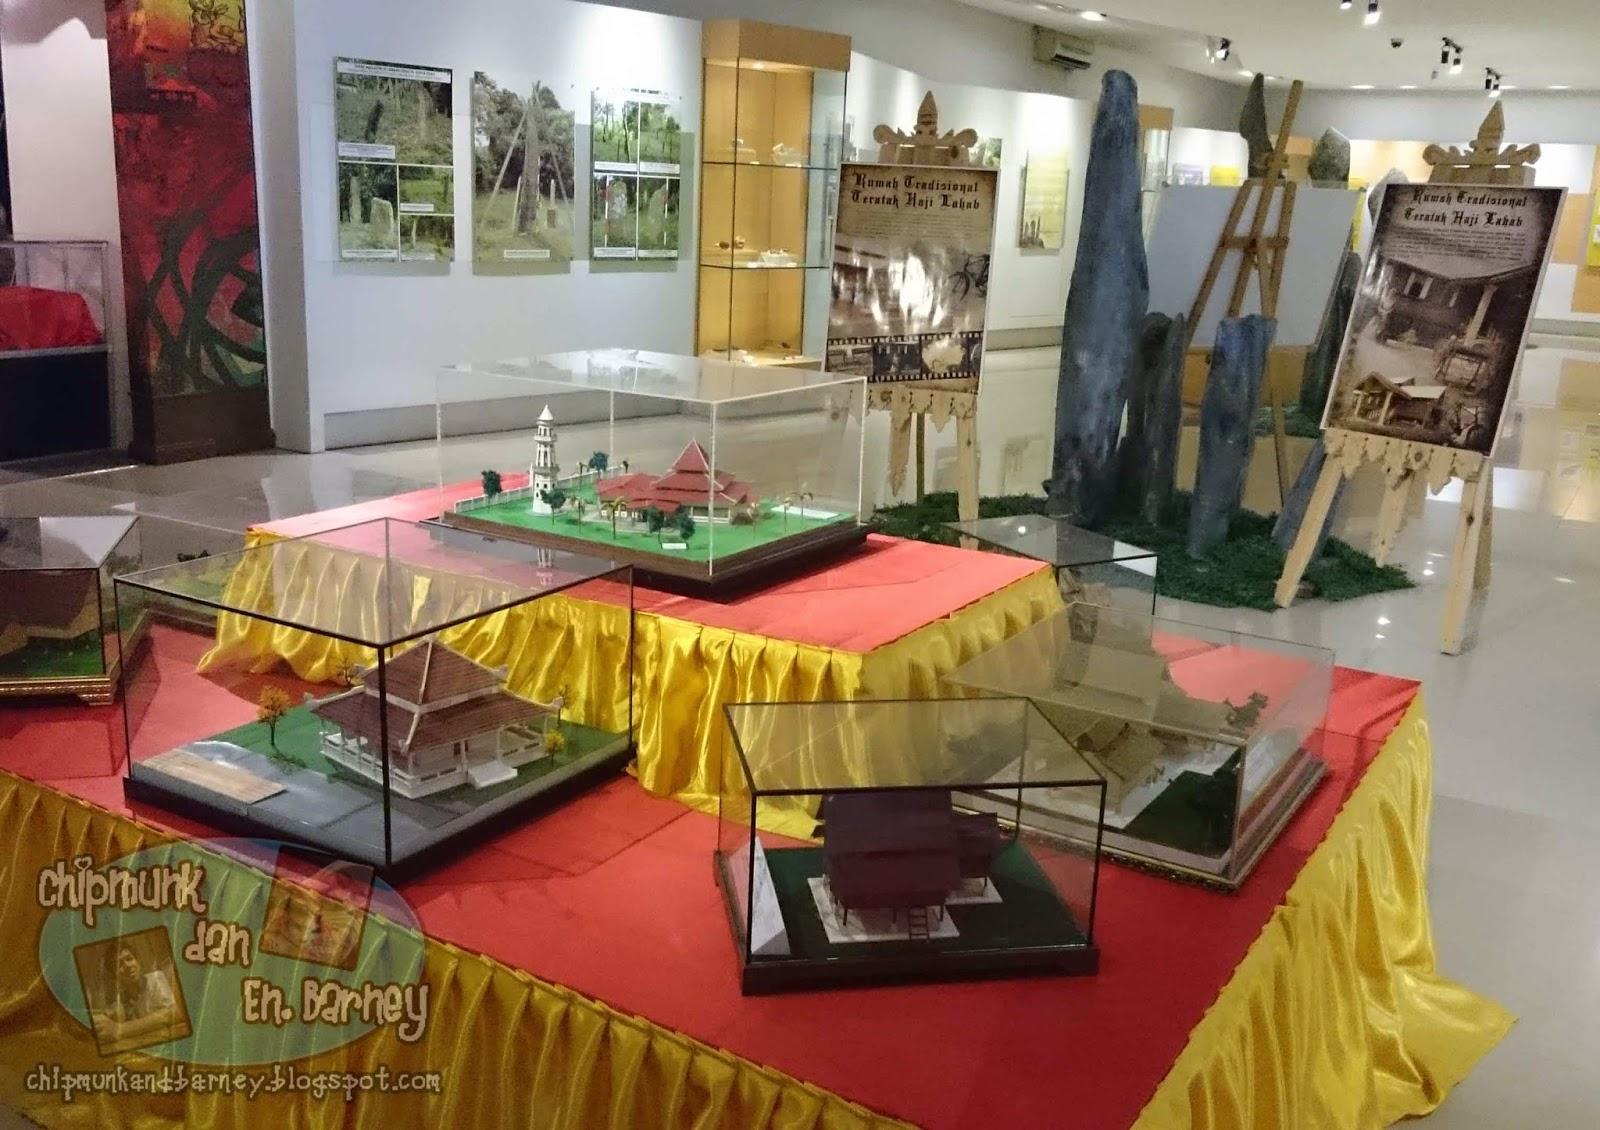 Family Fun Time 2 Muzium Negeri Sembilan Seremban